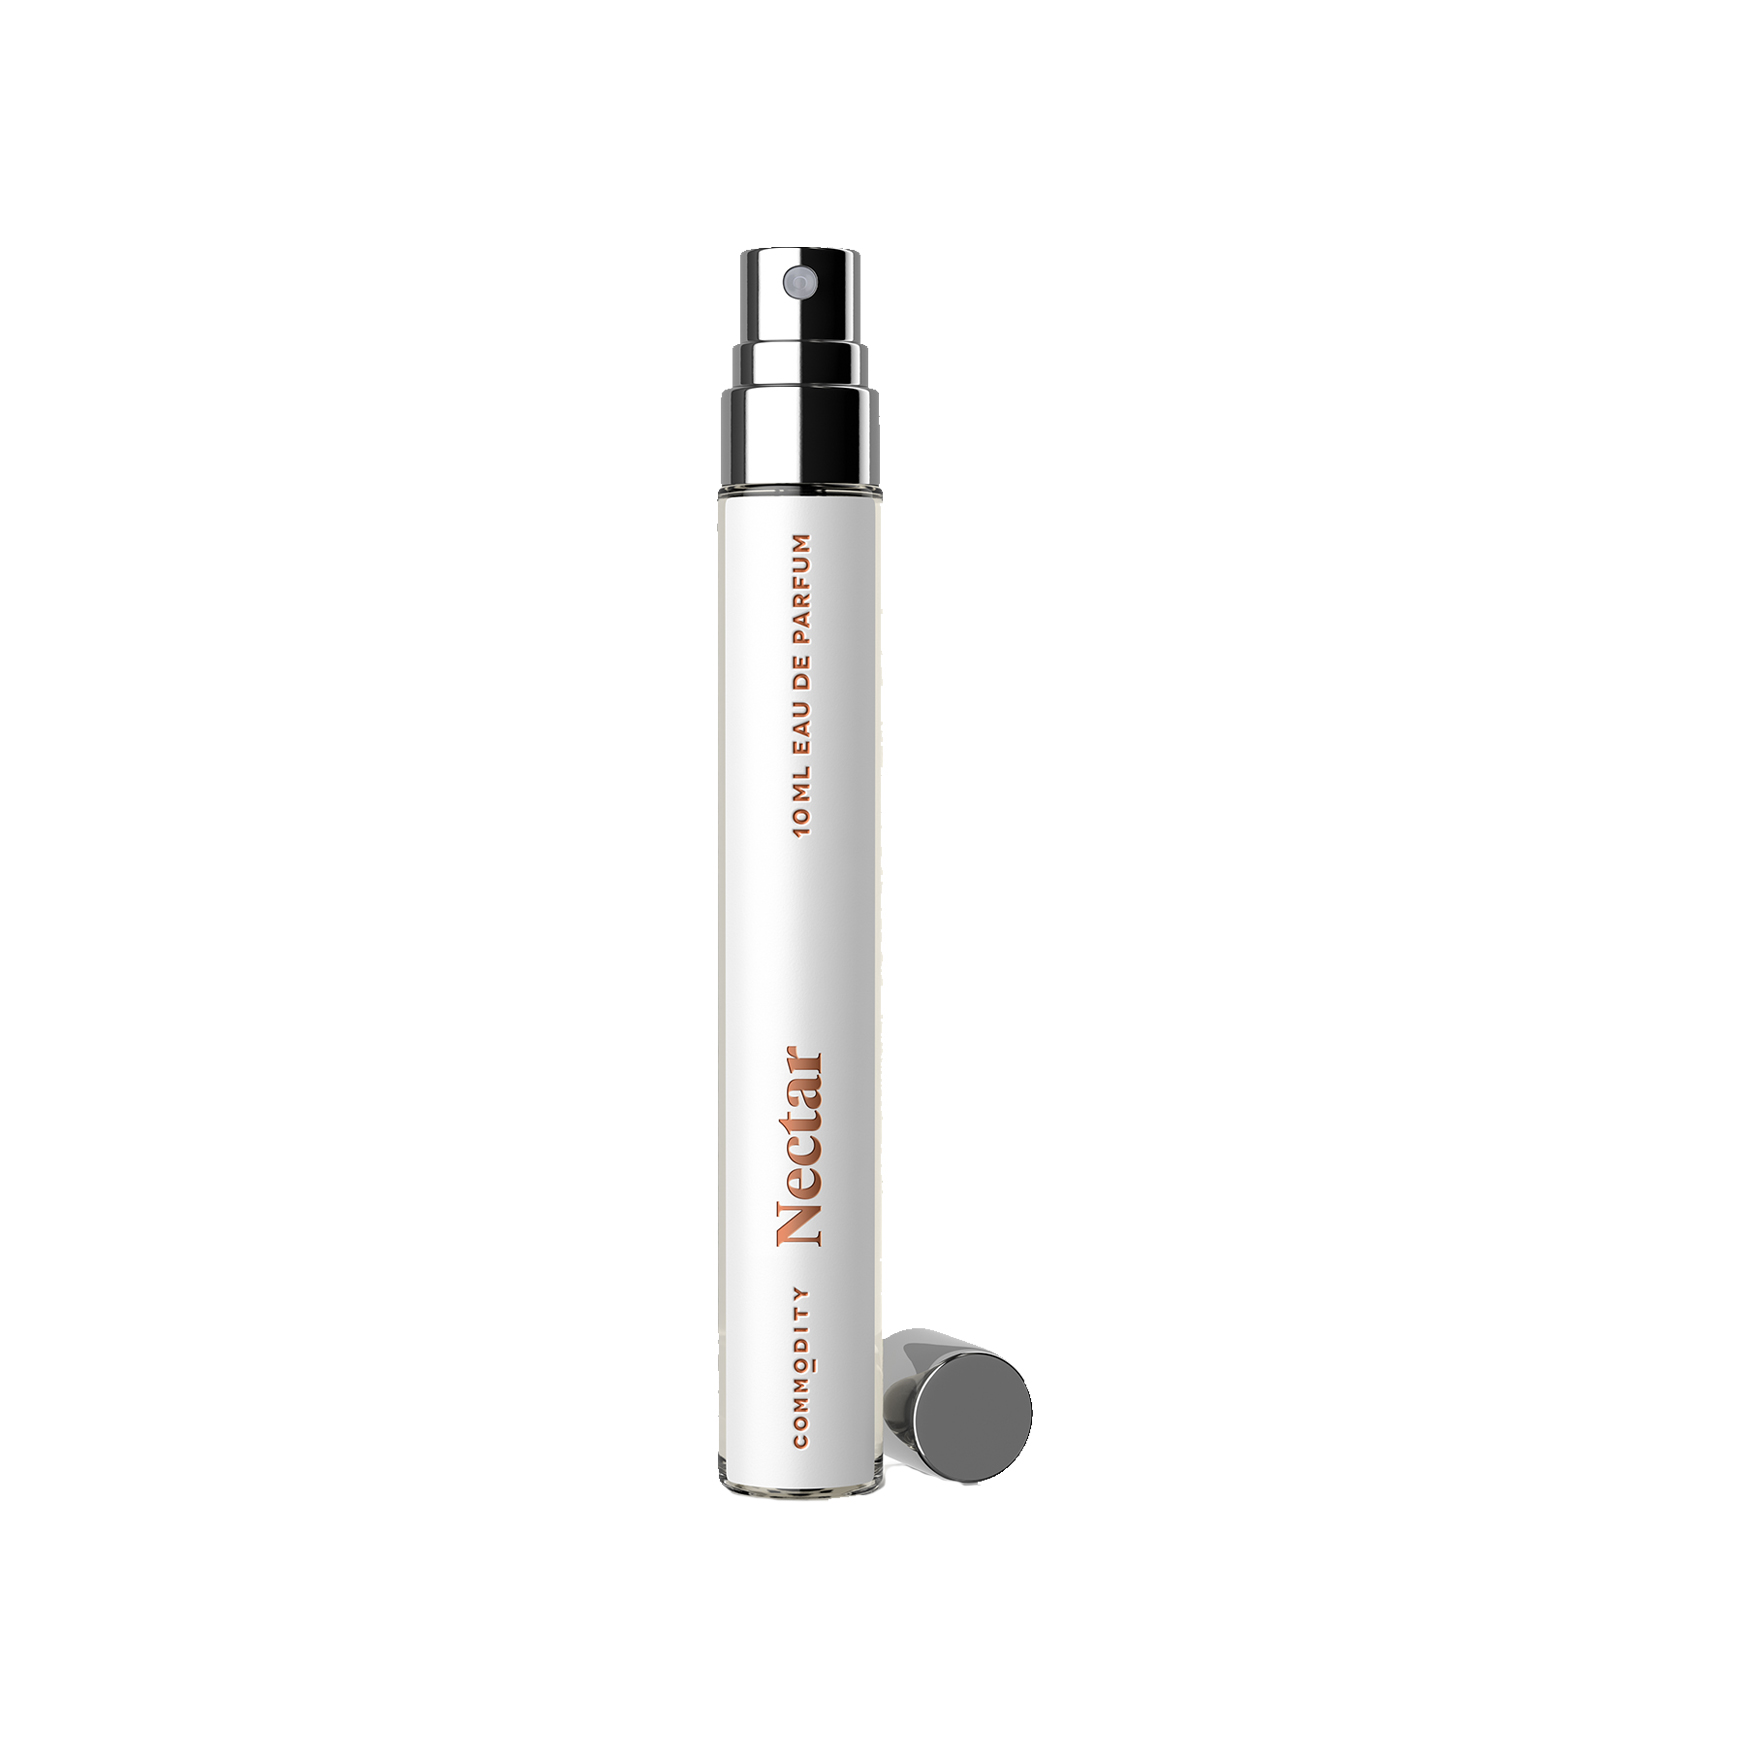 Nectar Travel Spray, , large